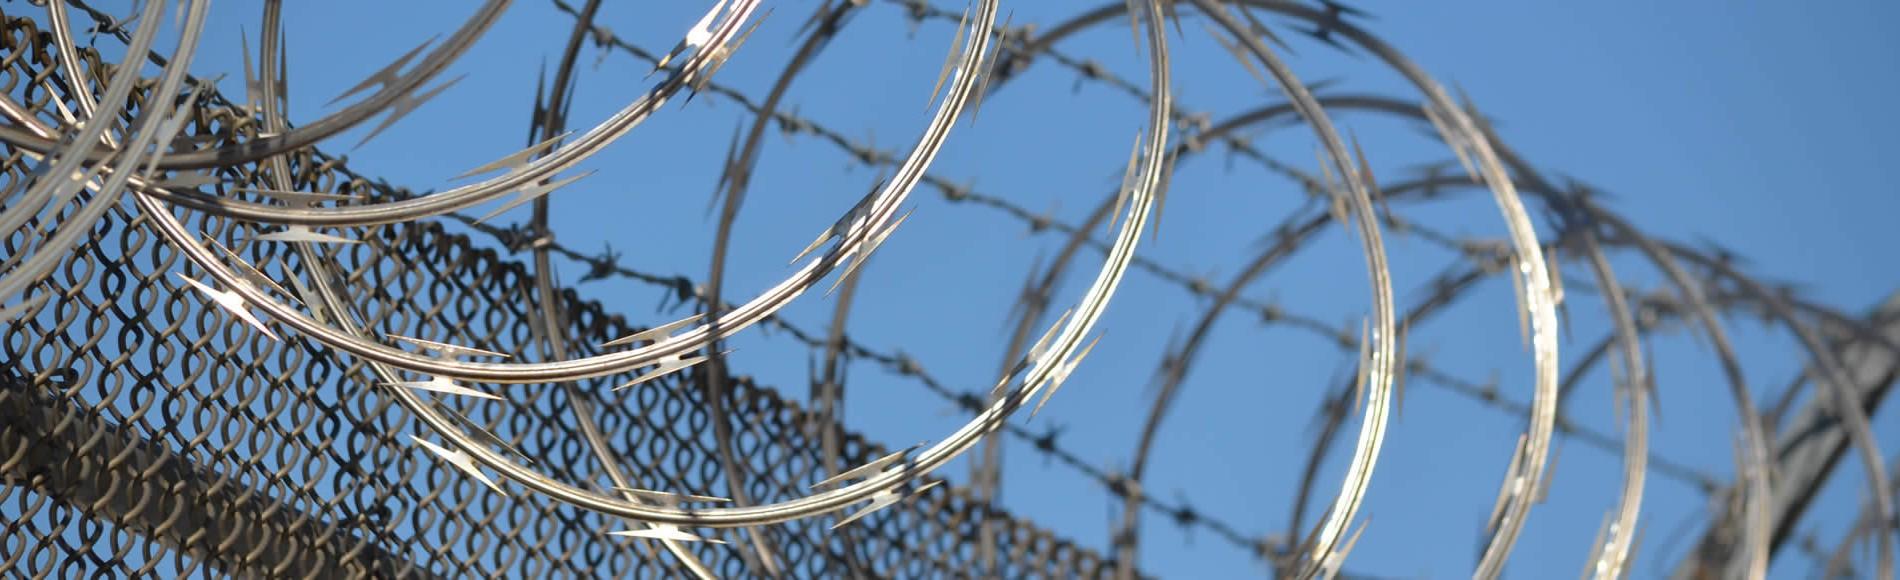 razor wire wide